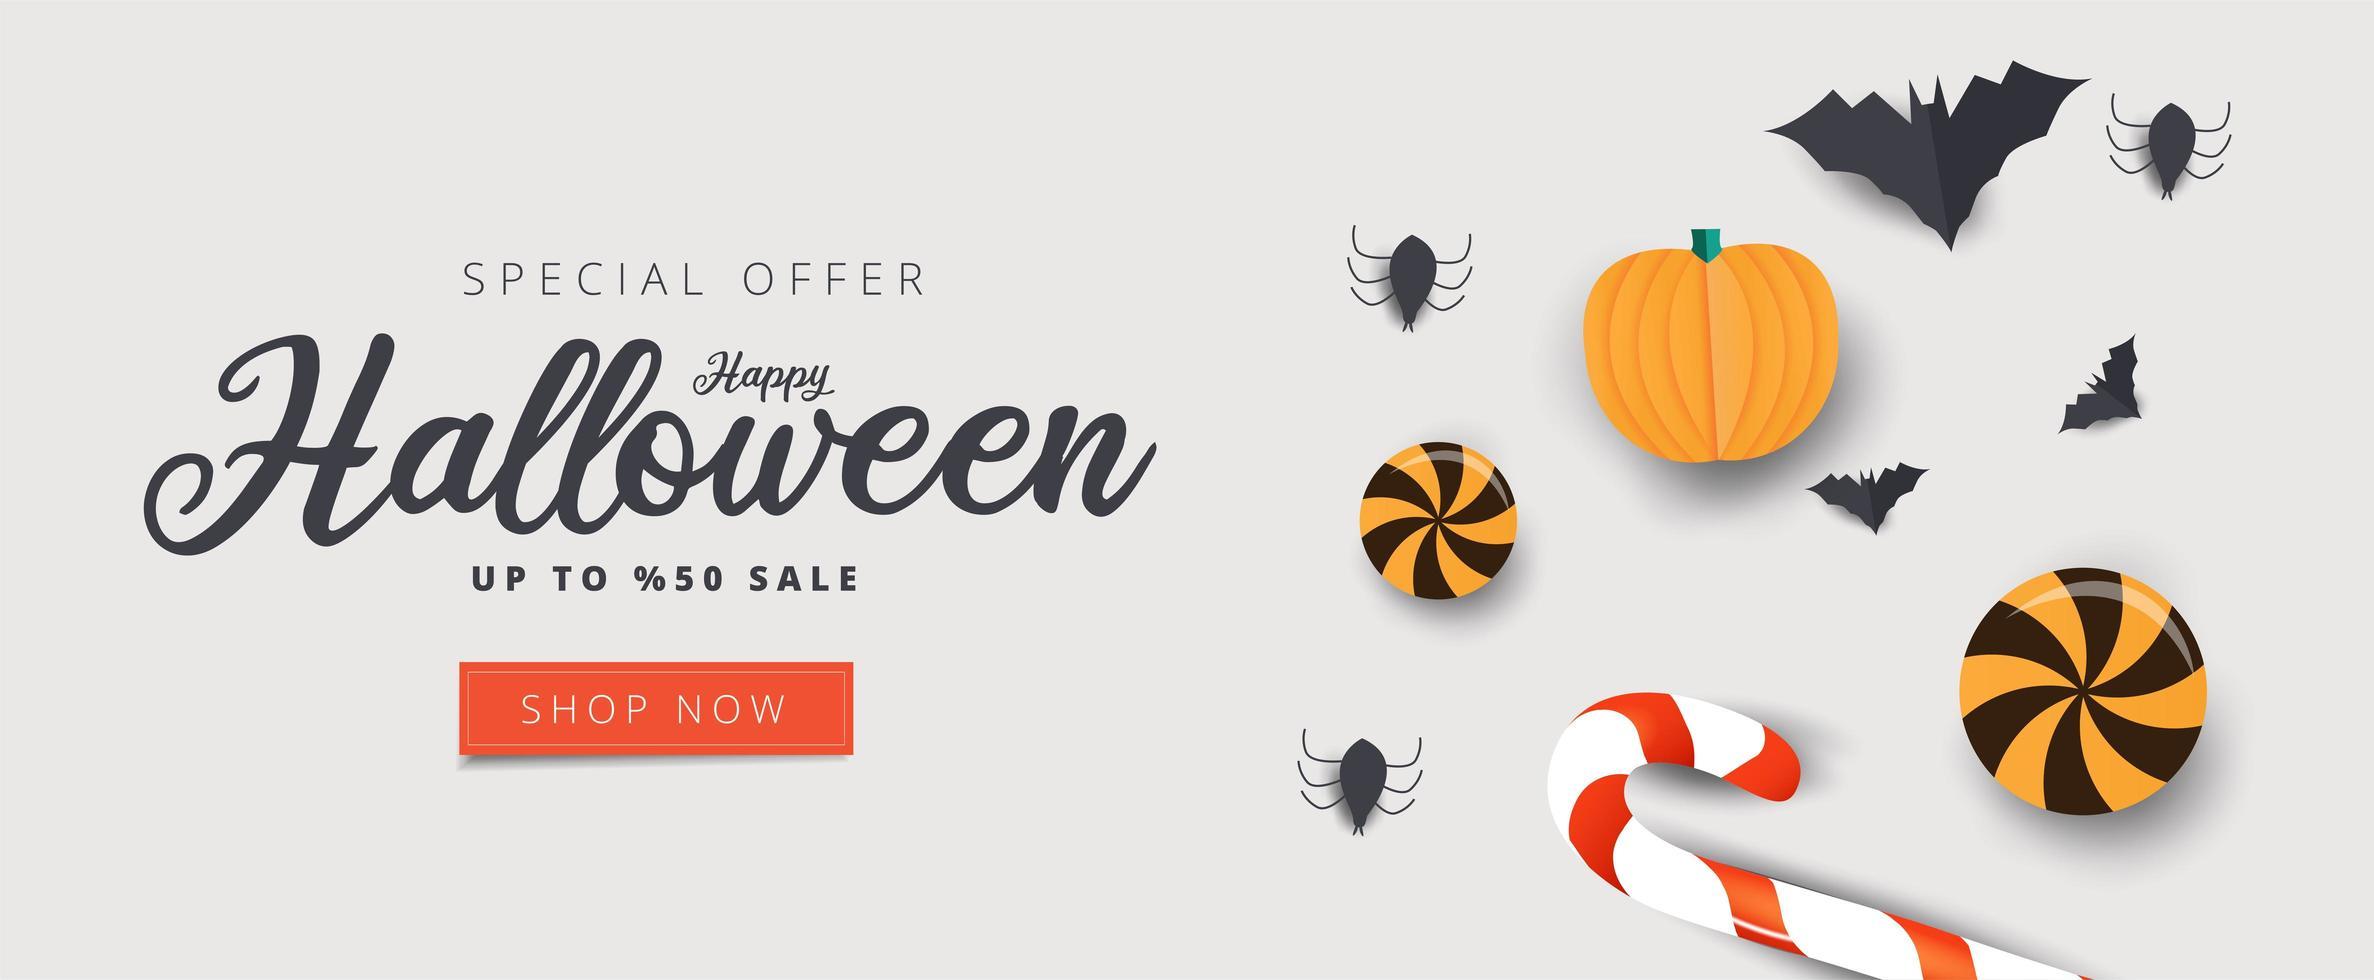 bannière de vente halloween heureux avec des bonbons, des chauves-souris et des araignées vecteur